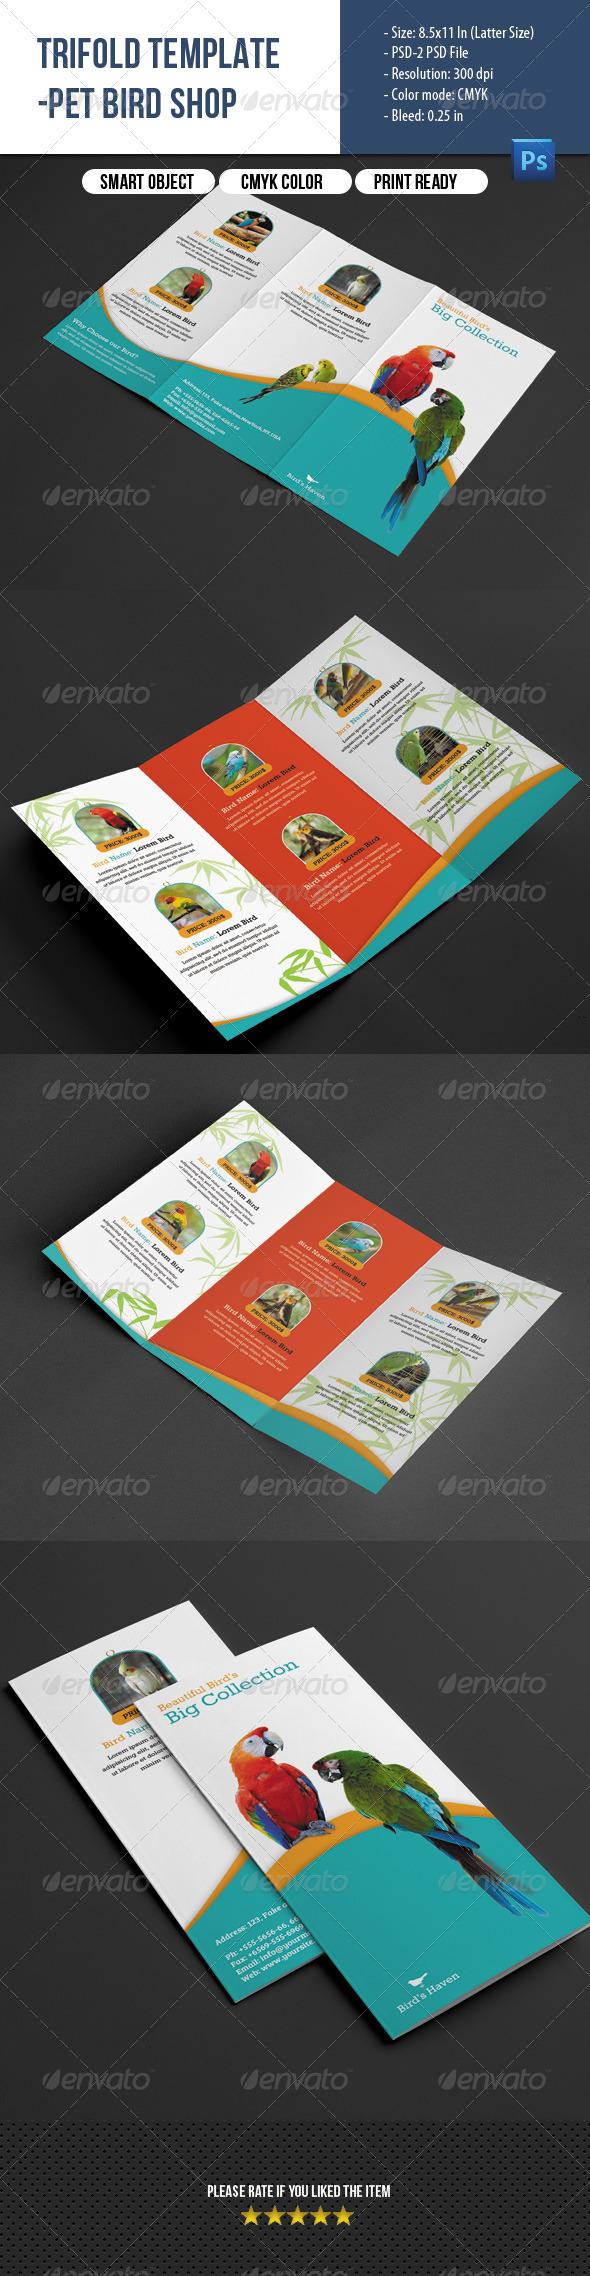 GraphicRiver Trifold Brochure-Pet shop 8144116